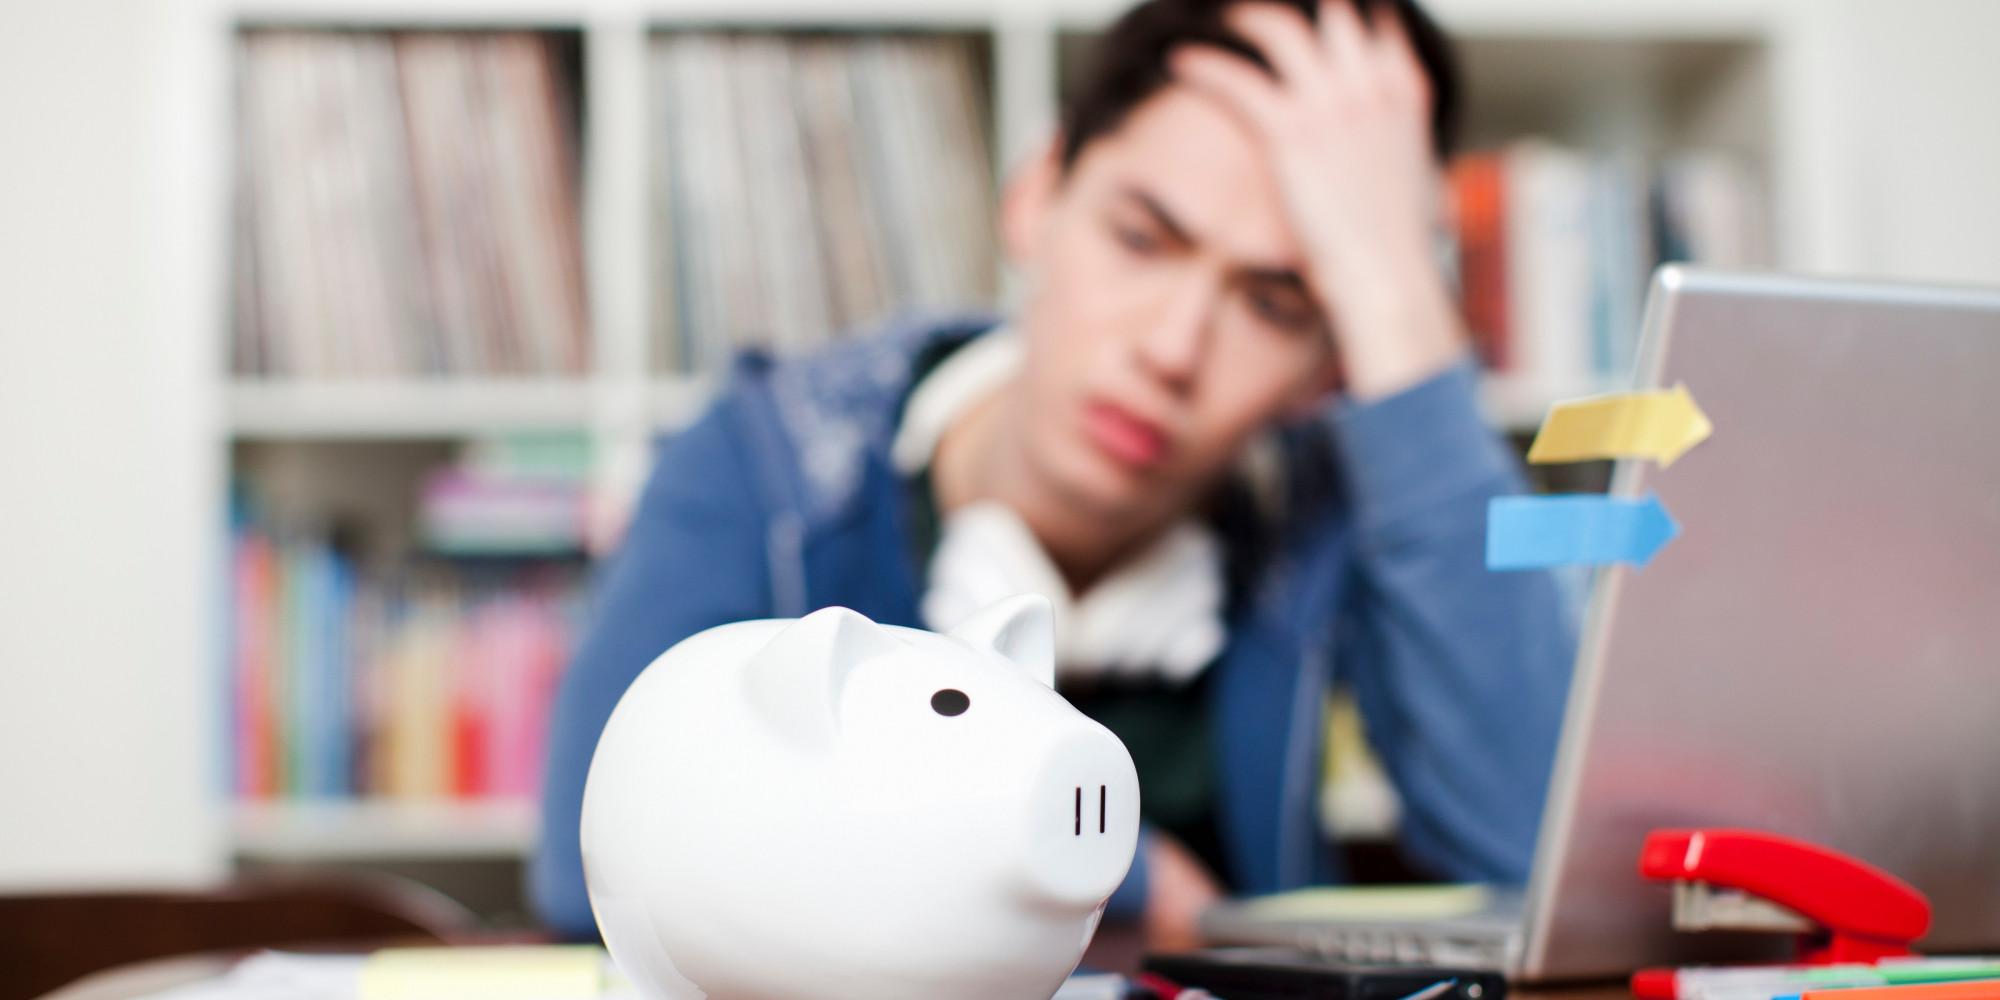 Cómo invertir dinero cuando estás joven